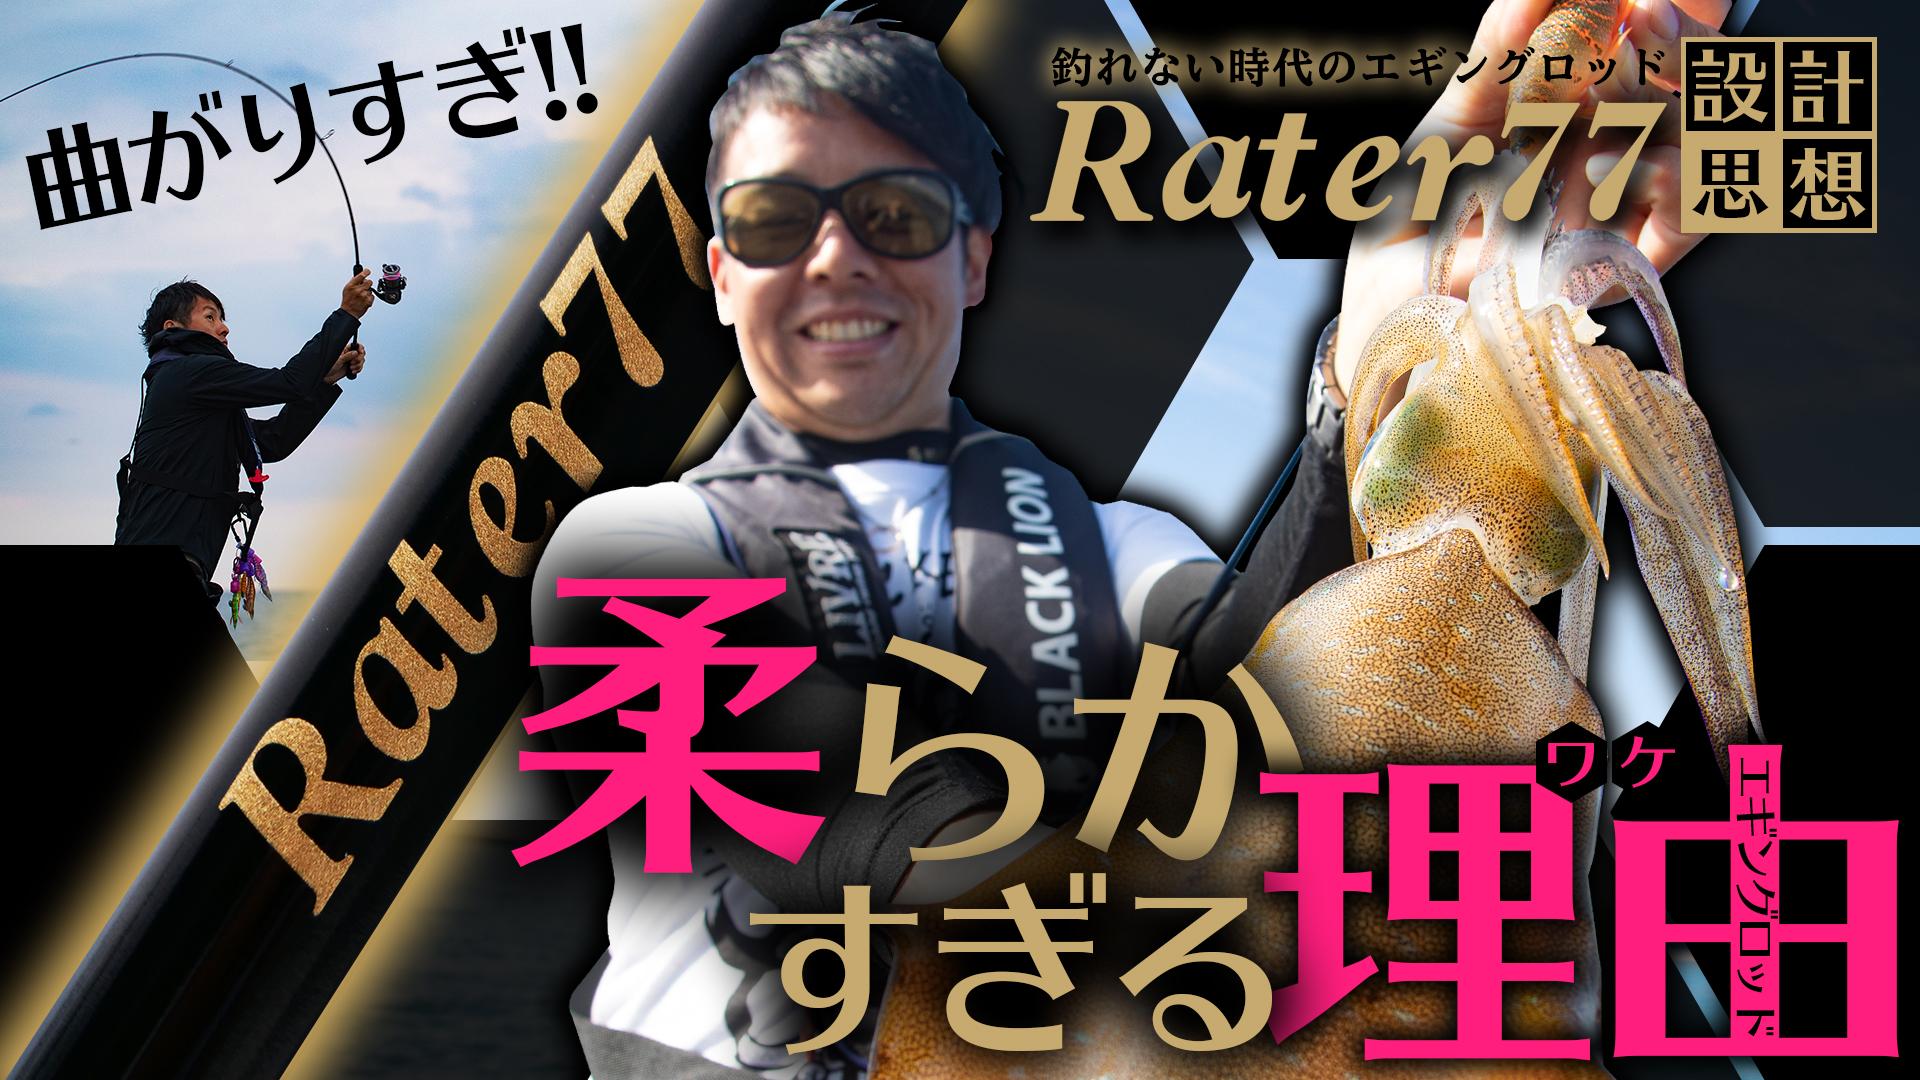 次世代エギングロッド【 Rater77 】ラーテル77 設計思想 Q & A